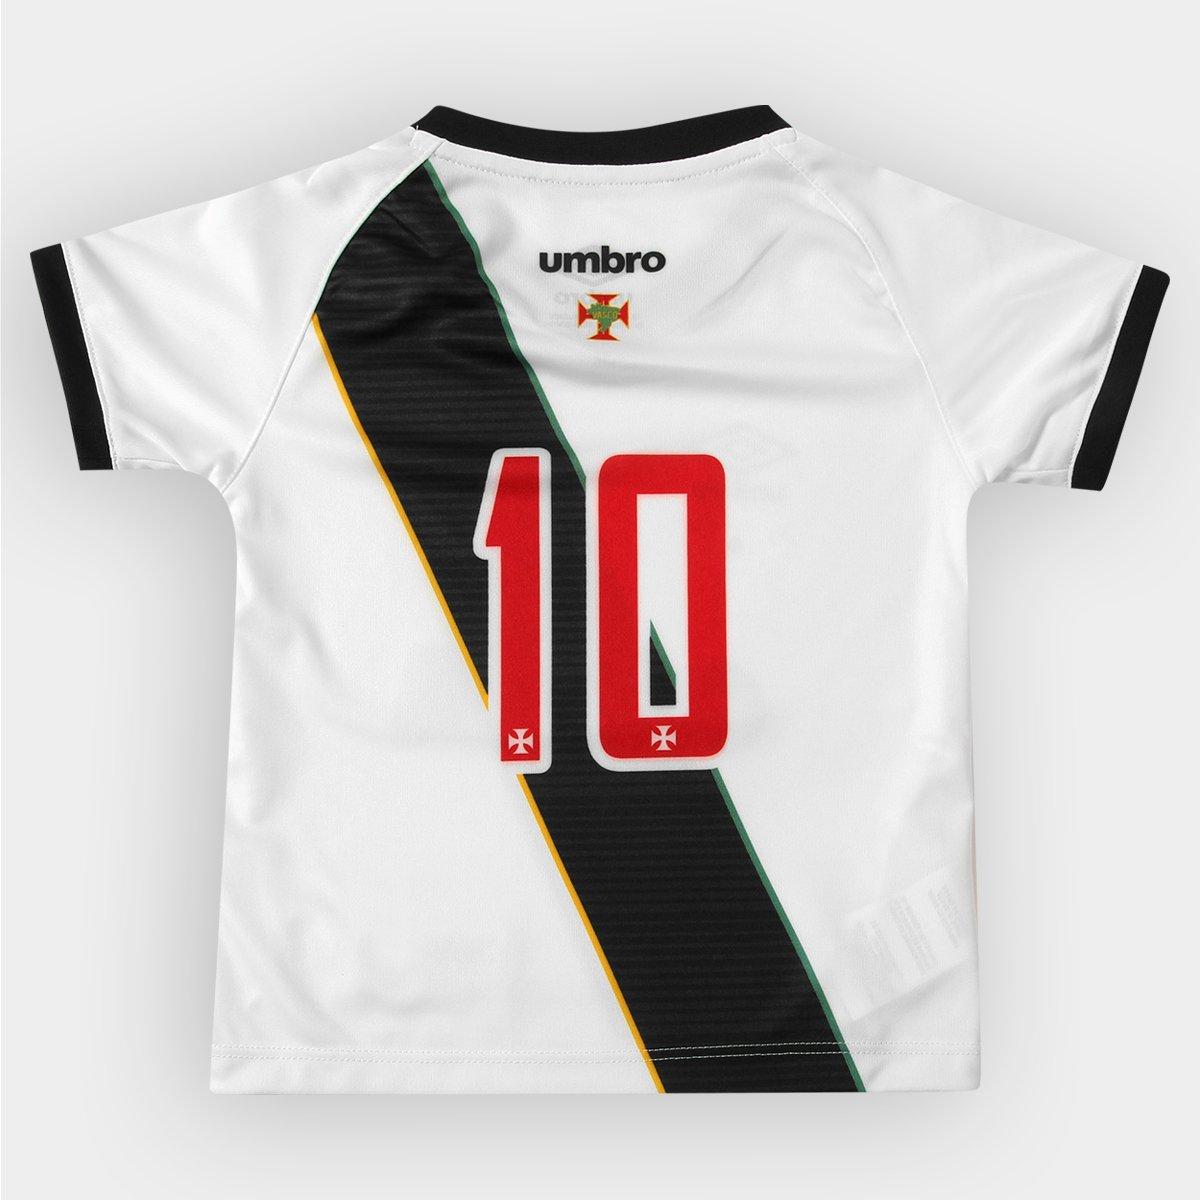 afce81f18a Camisa Umbro Vasco II 16 17 nº 10 Infantil - Compre Agora